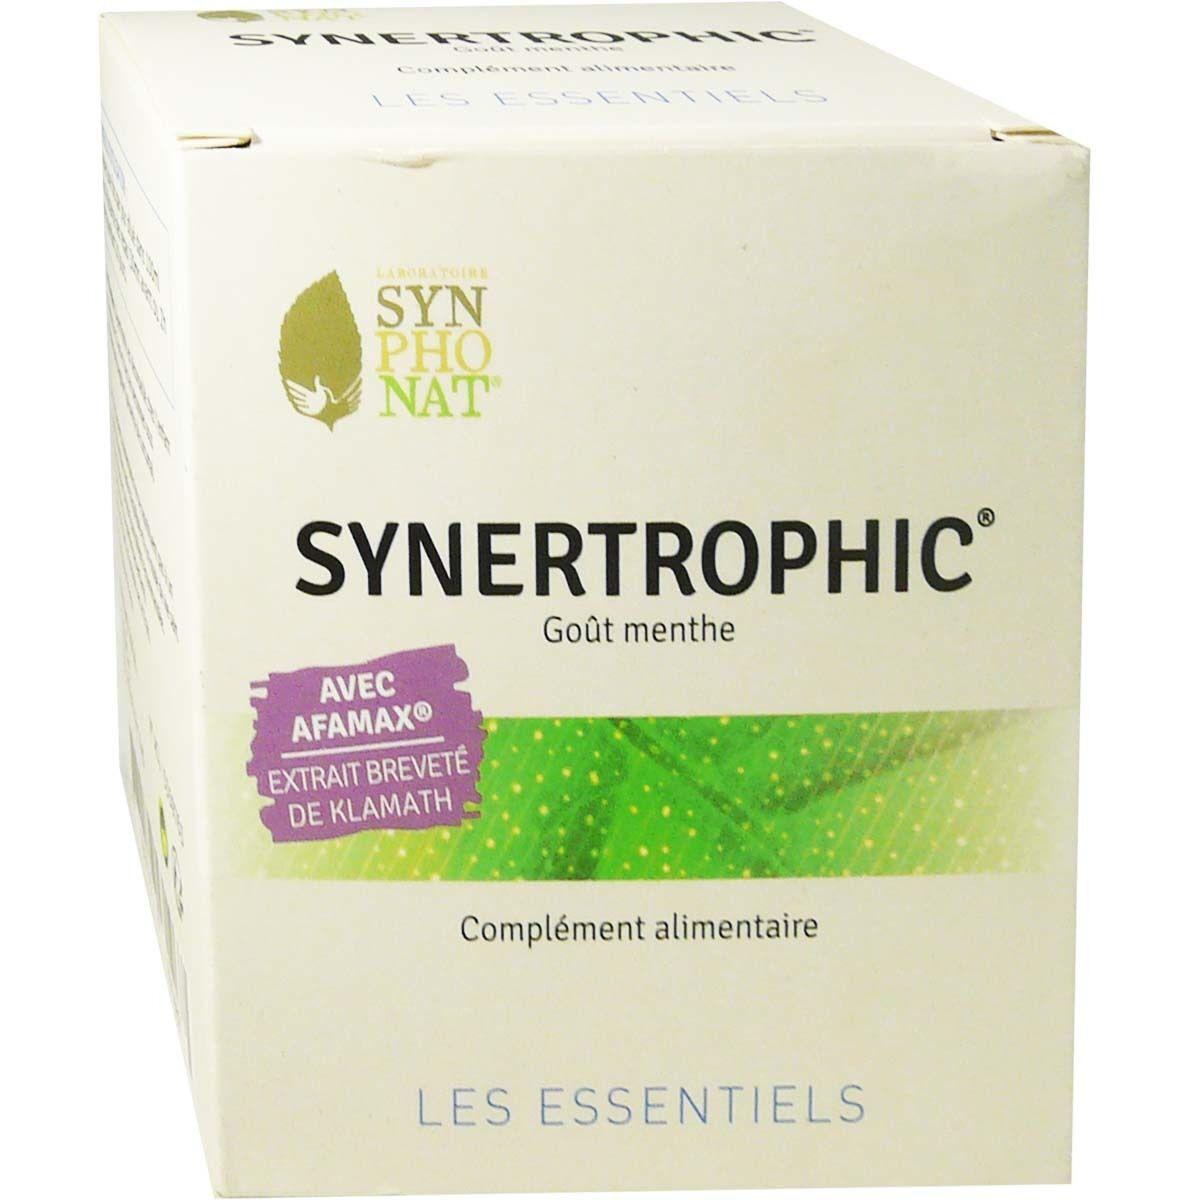 Synphonat synertrophic flore intestinal gout menthol20 sachets